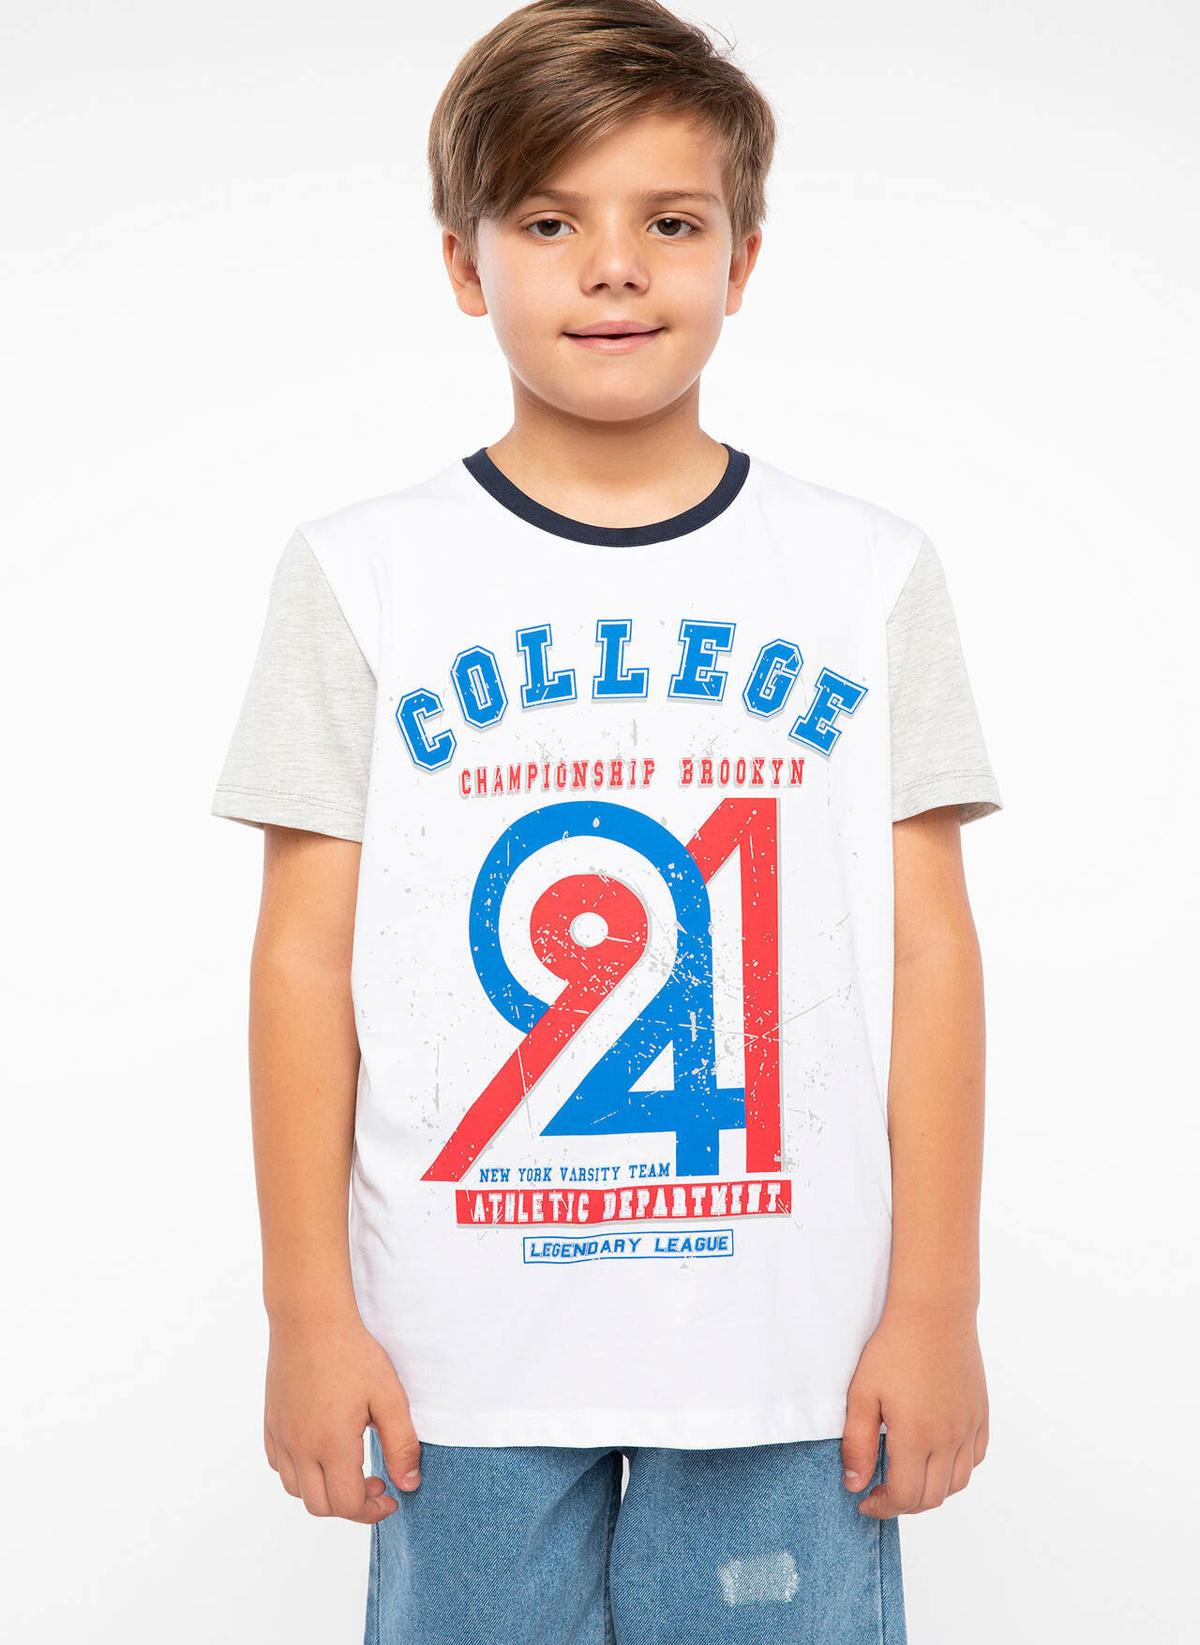 Defacto Tişört J2041a618smwt34 Baskılı T-shirt – 19.99 TL